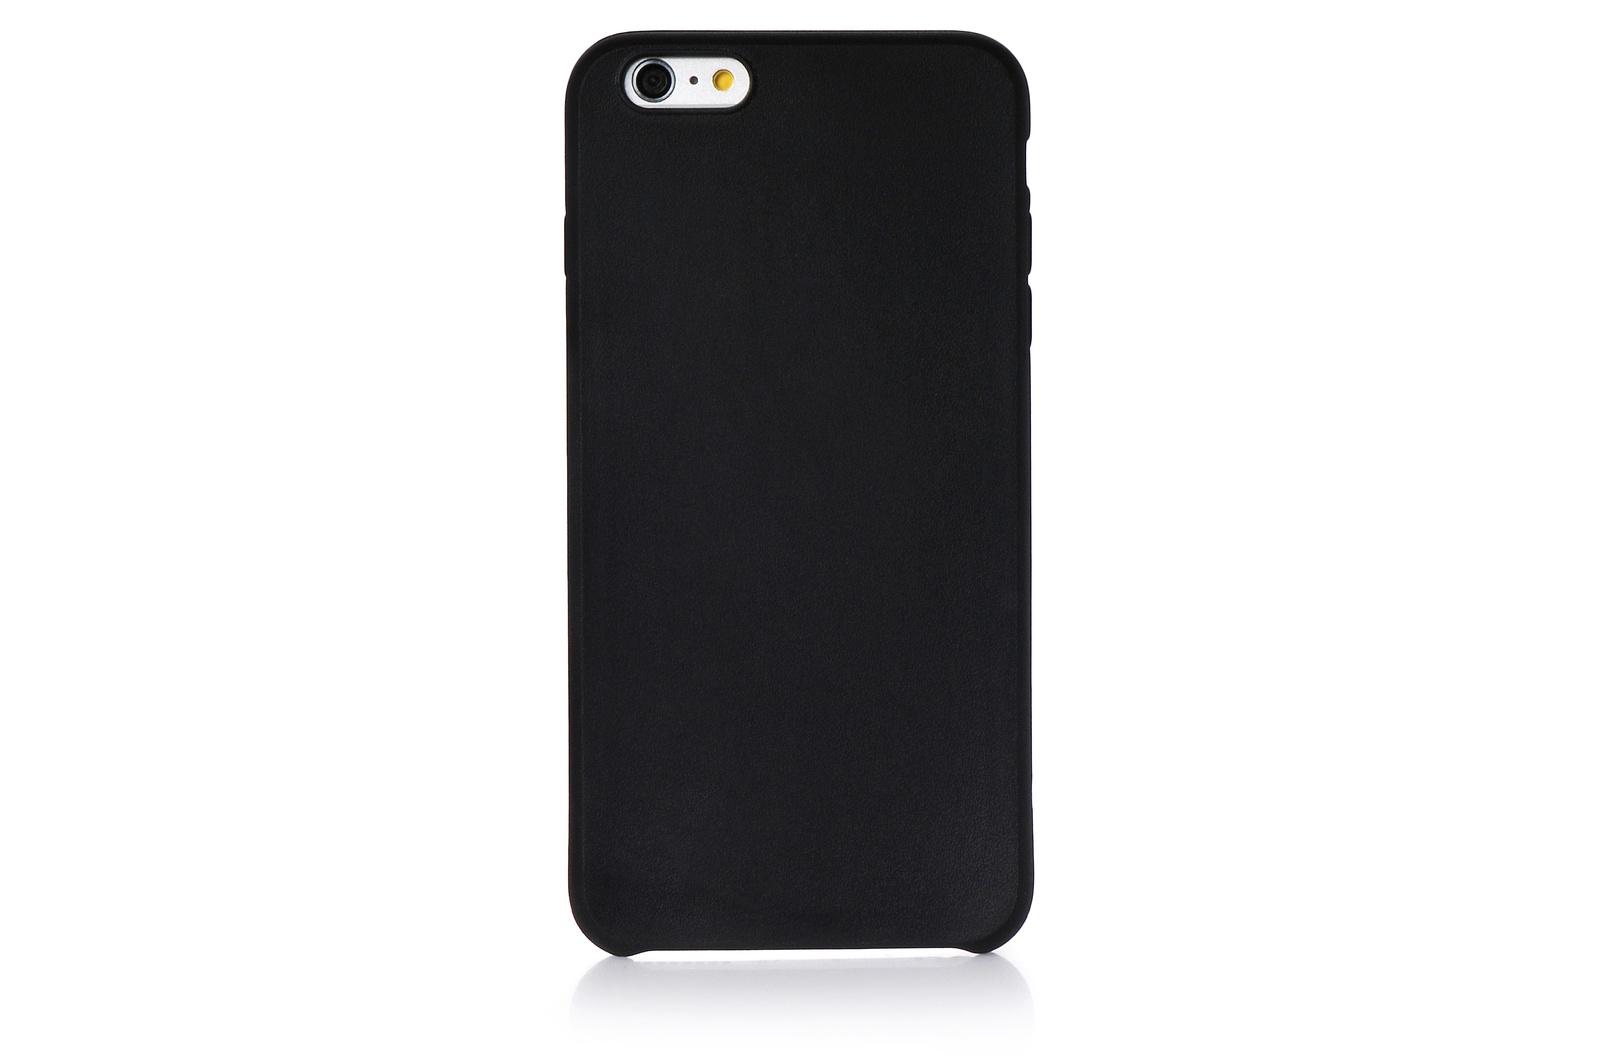 """Чехол для сотового телефона Gurdini силикон 620003 для Apple iPhone 6 Plus/6S Plus 5.5"""", черный"""